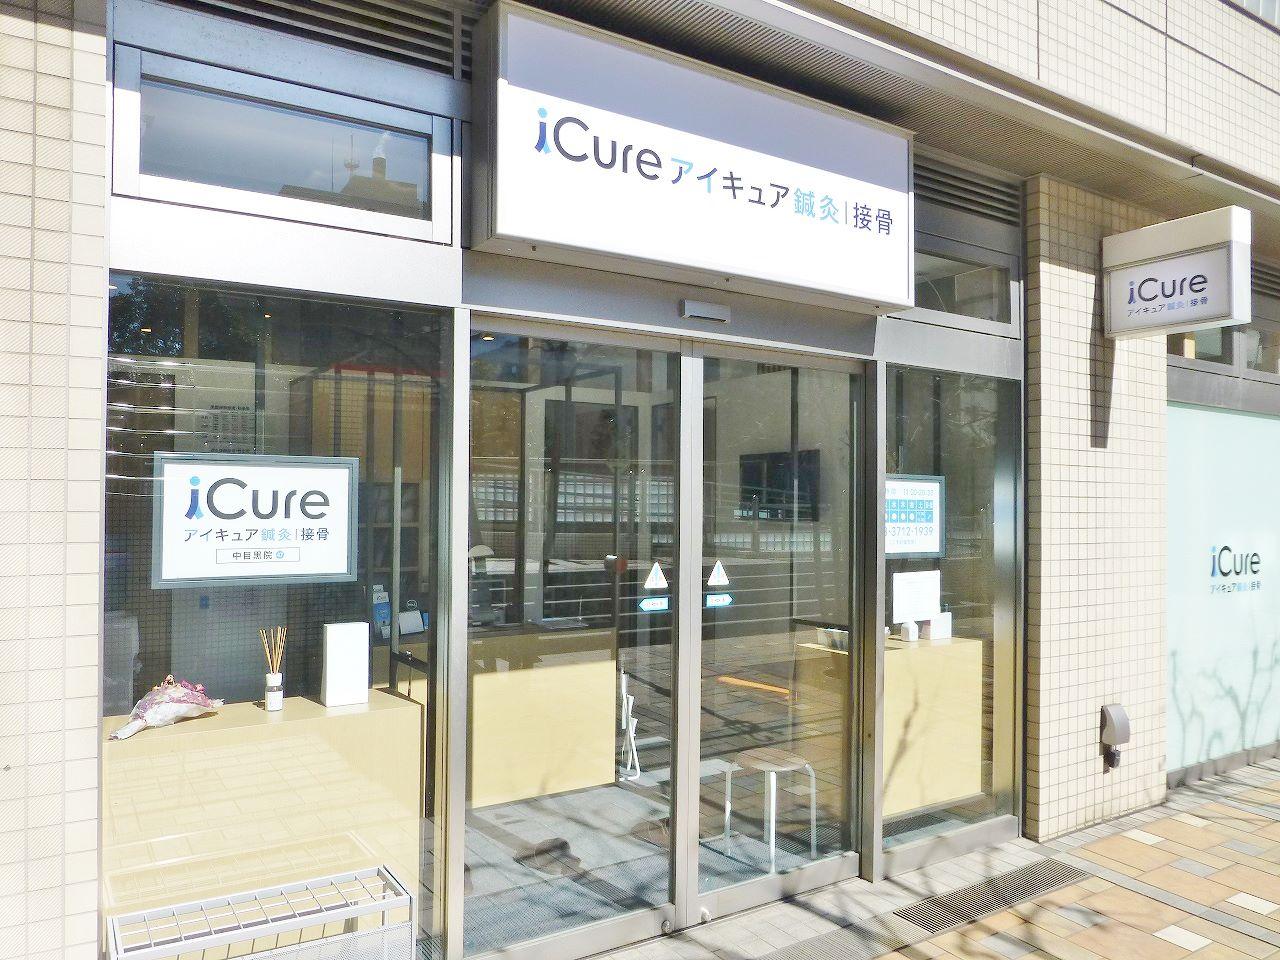 iCure鍼灸接骨院 中目黒